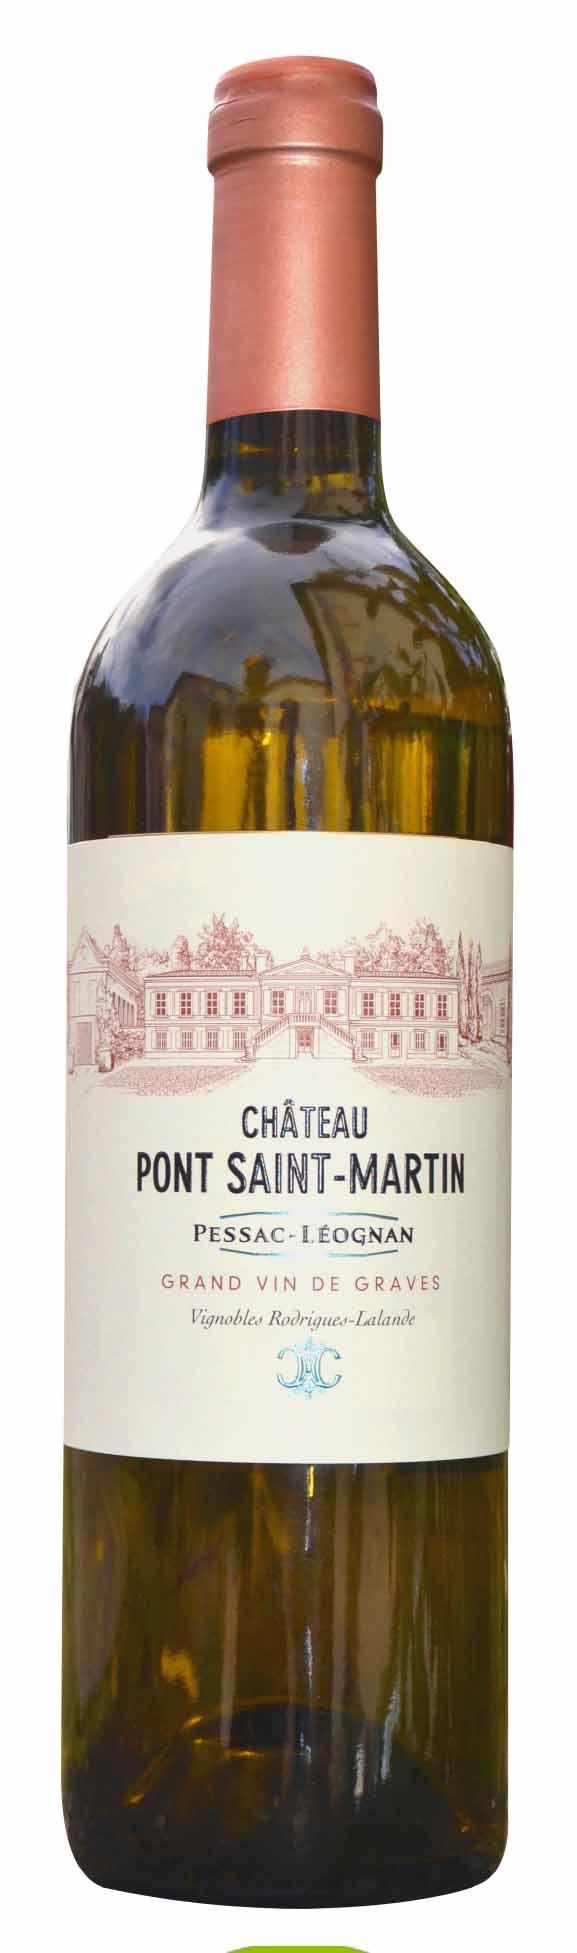 vins-pessac-leognan-l-apprenti-sommelier-chateau-pont-saint-martin-visite-bouteille-blanc